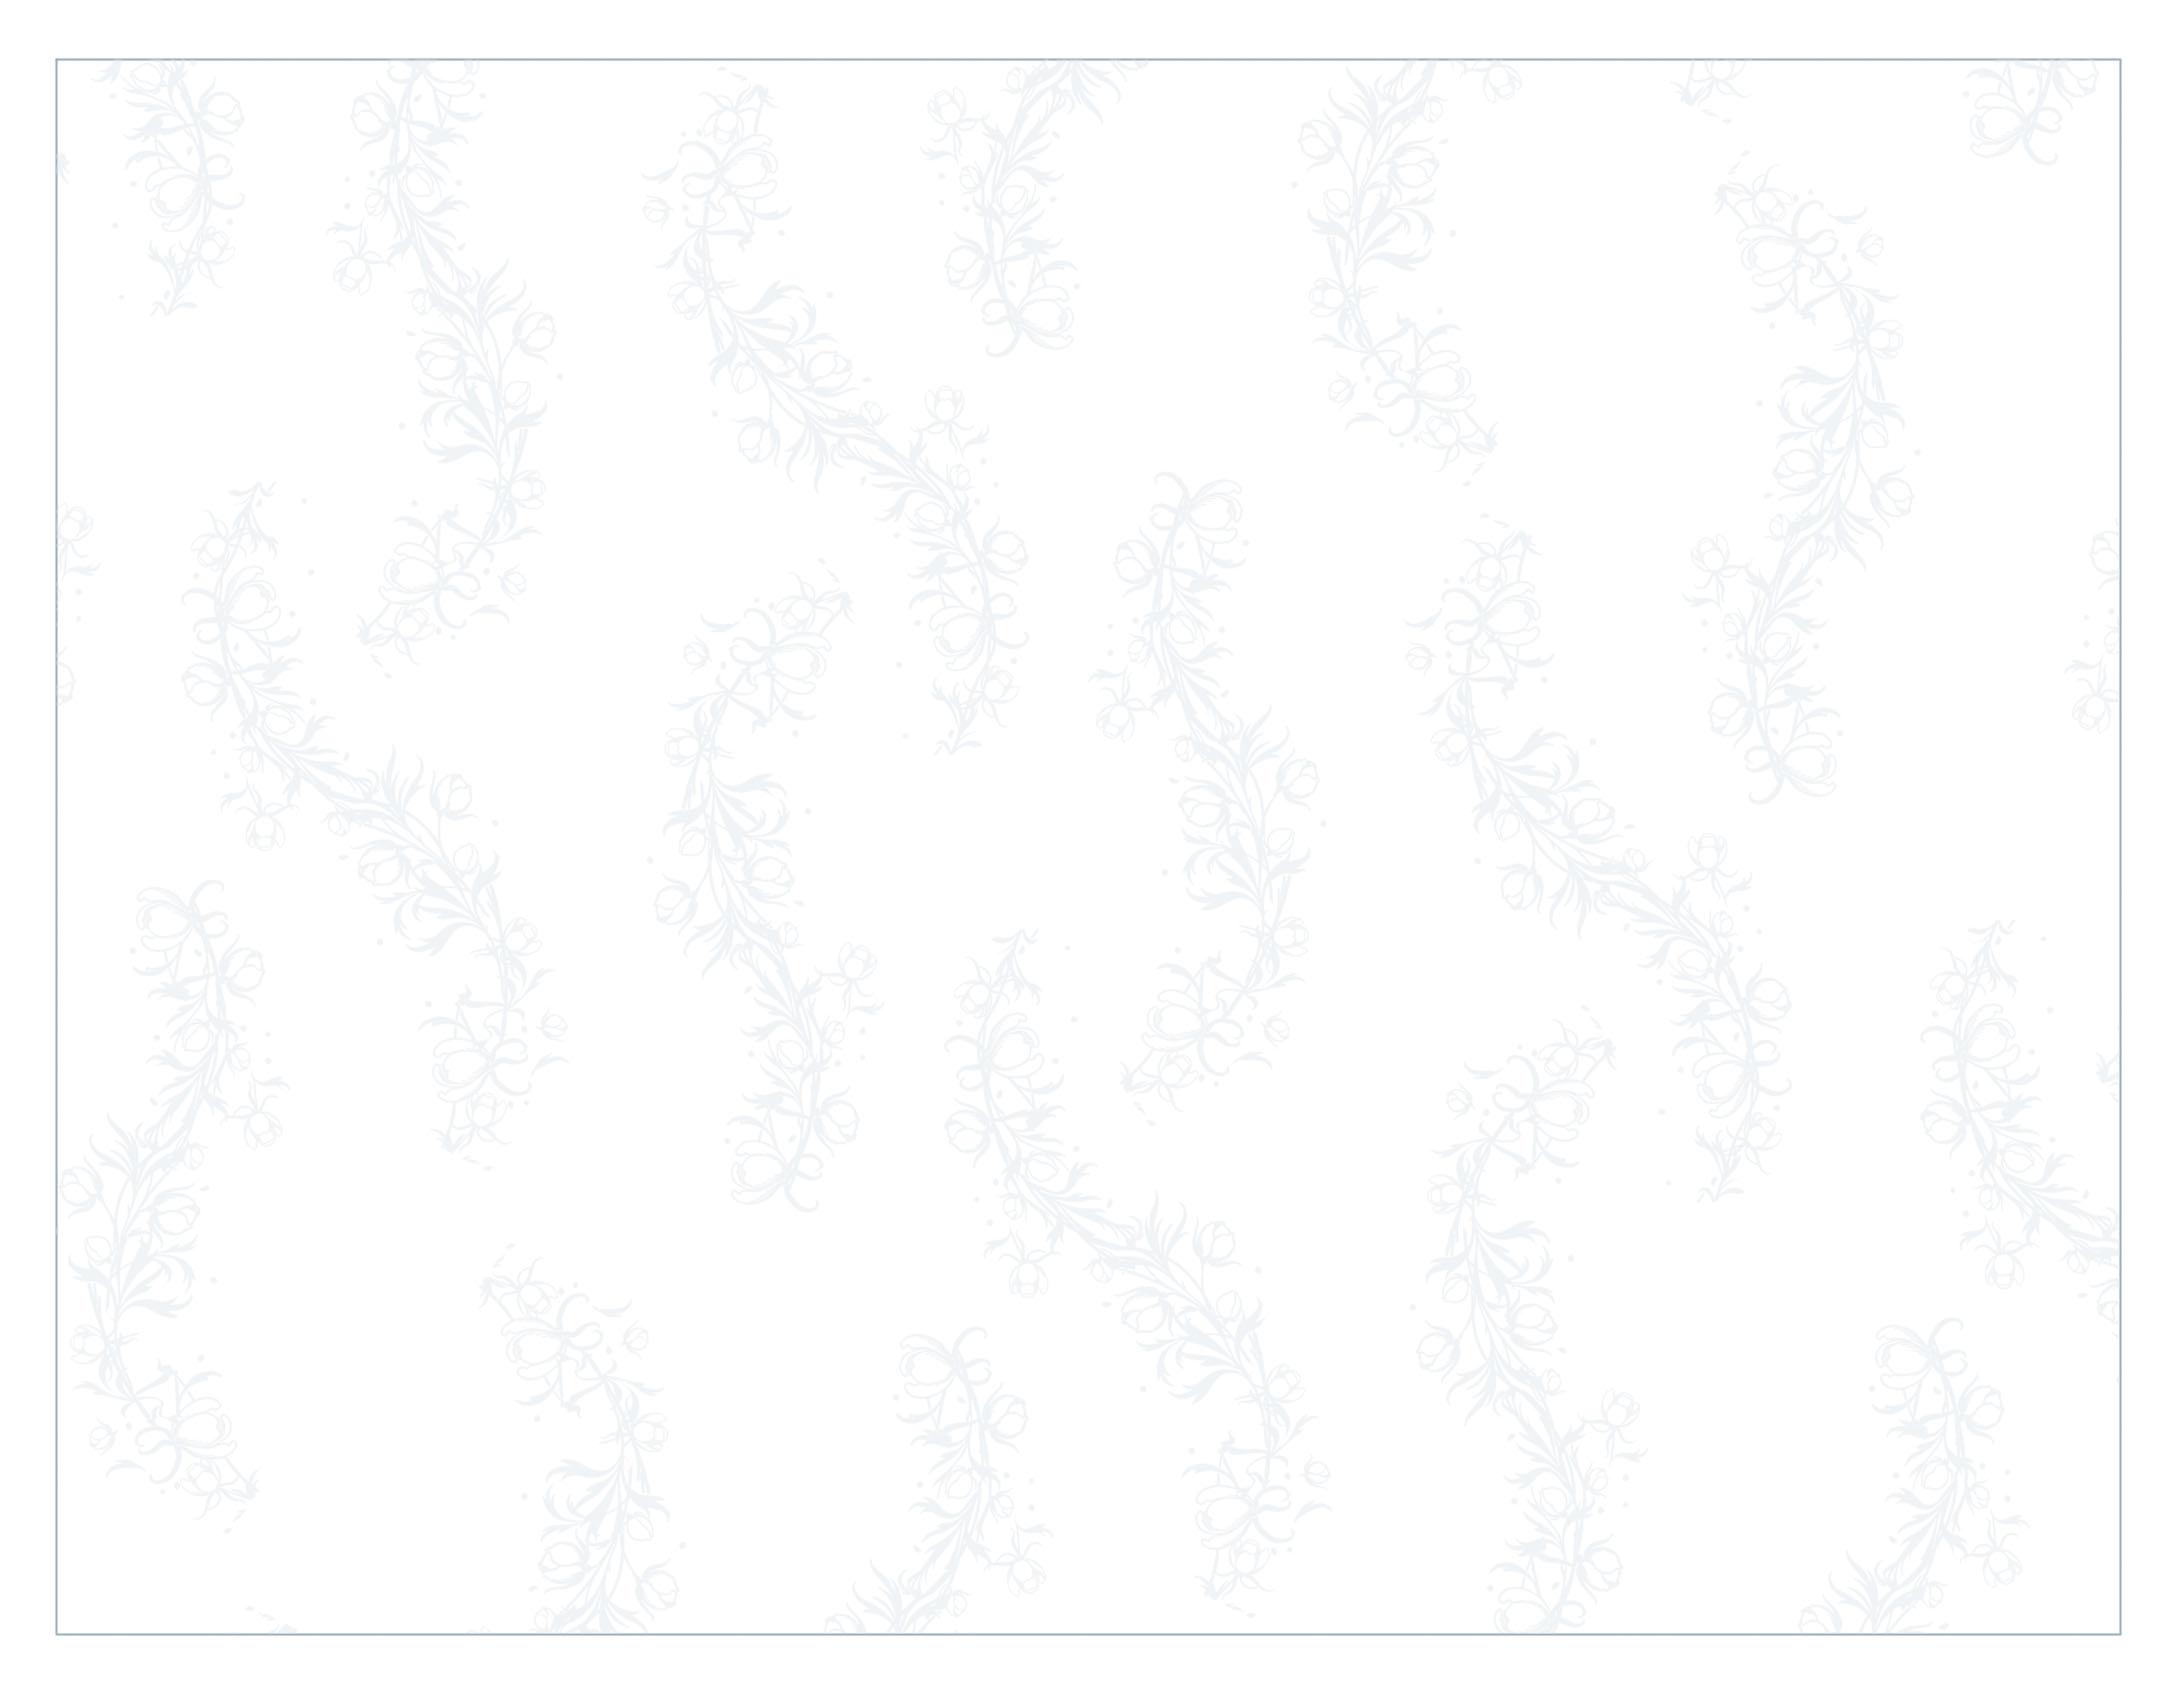 中国元素·颁奖晚宴服饰底纹设计_2000元_k68威客任务